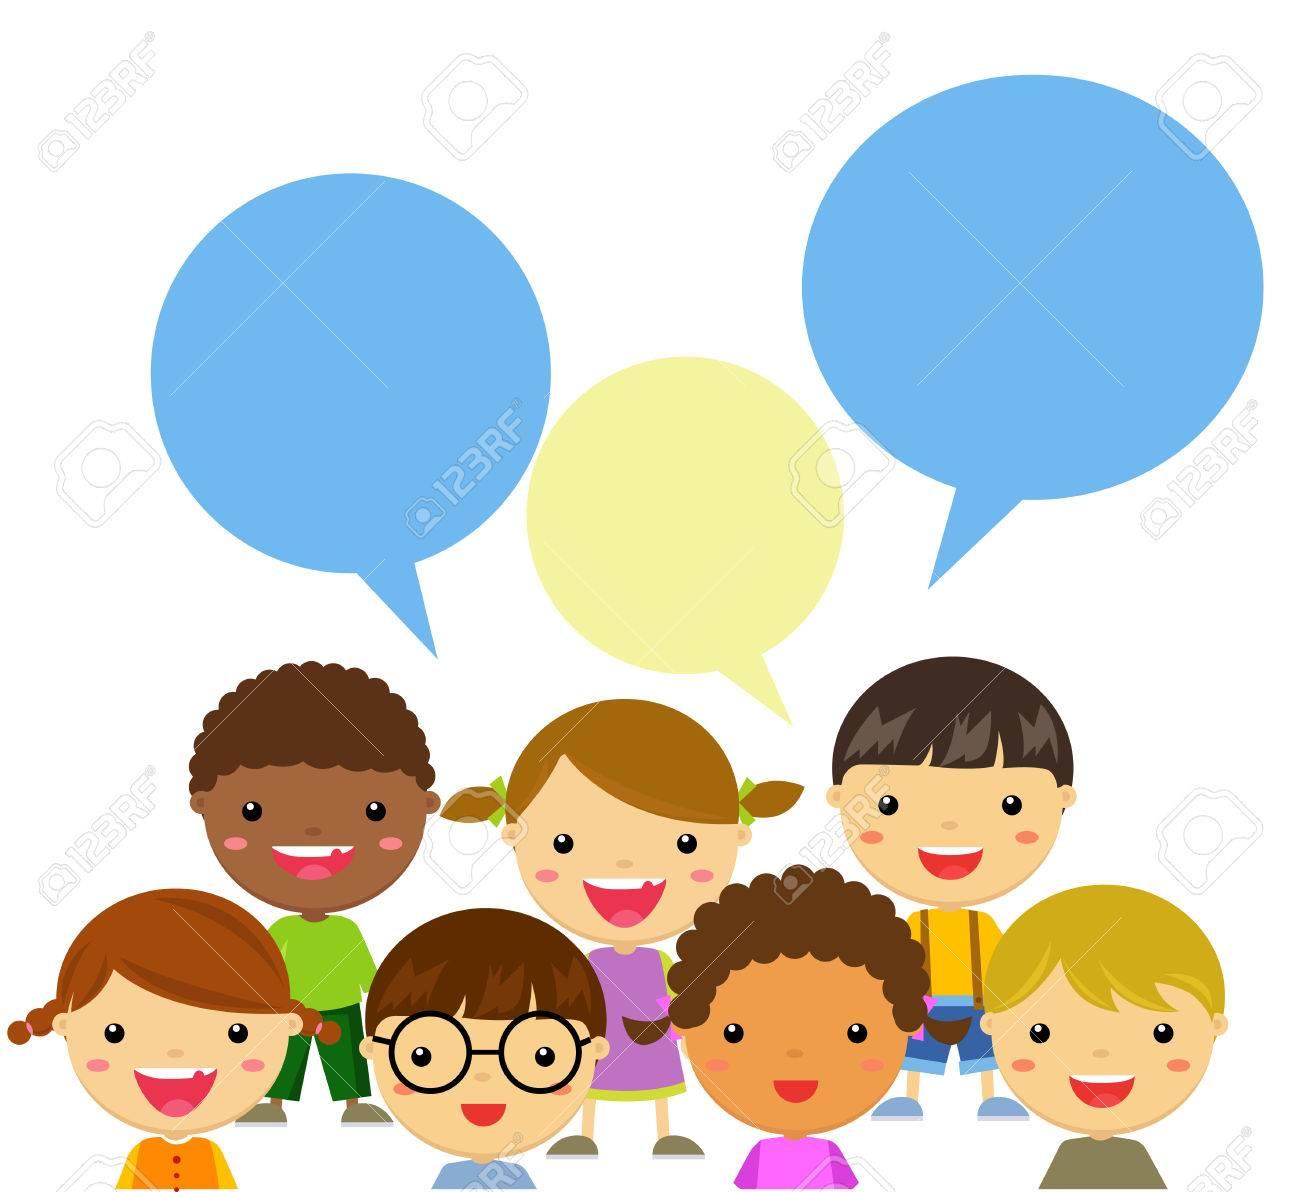 happy kids talking - 61208212